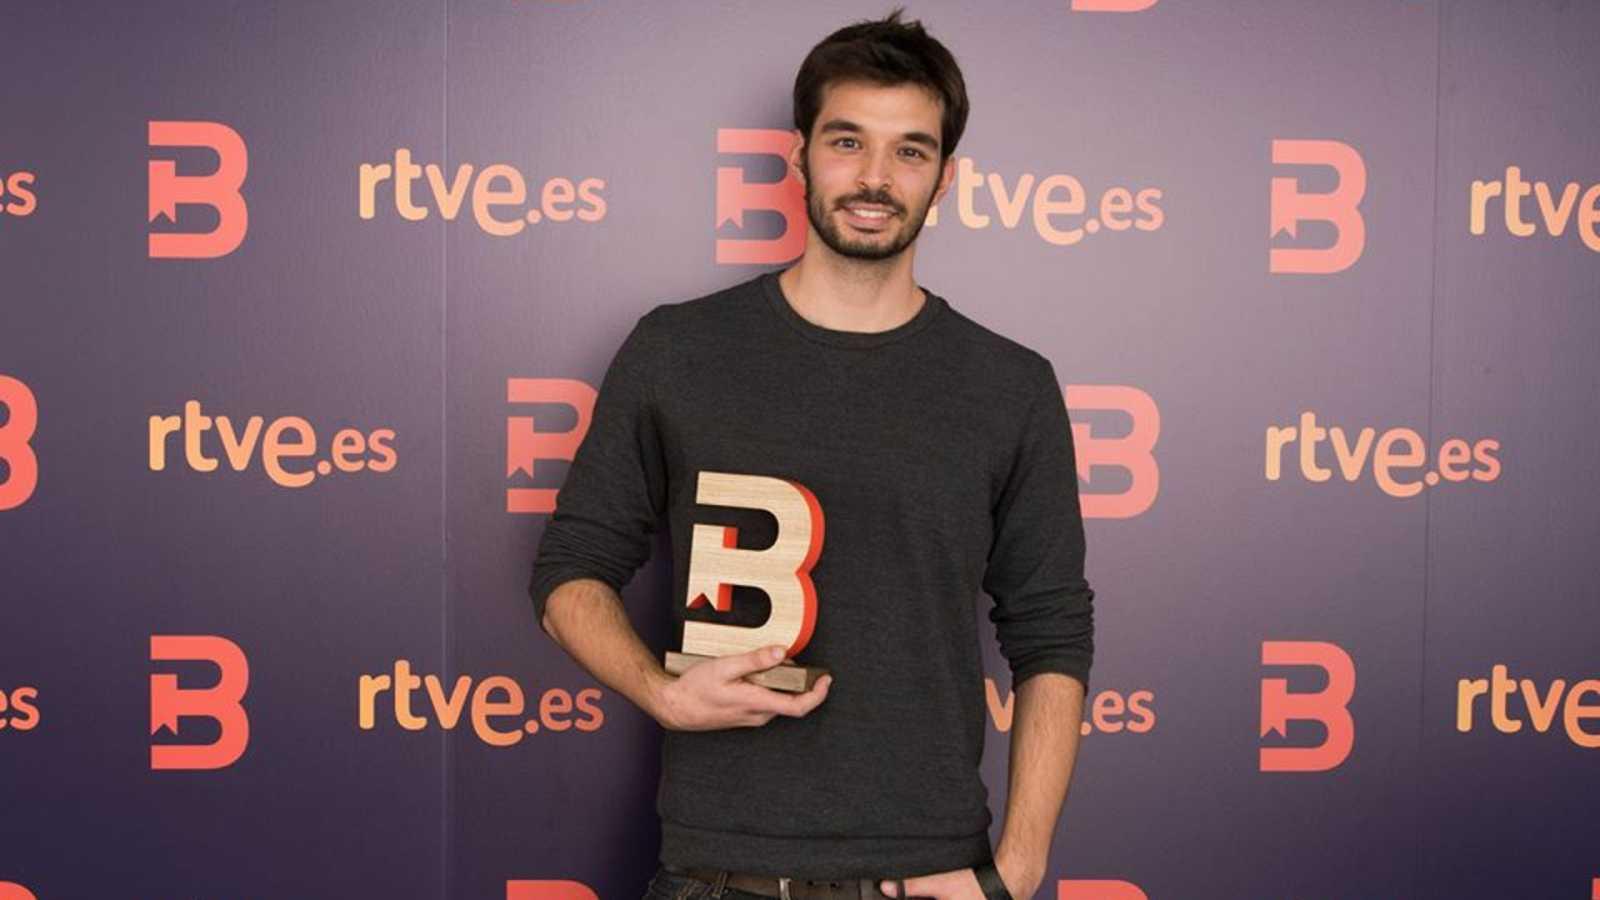 La entrevista de Radio 5 - Jordi Pereyra - 15/07/20 - Escuchar ahora